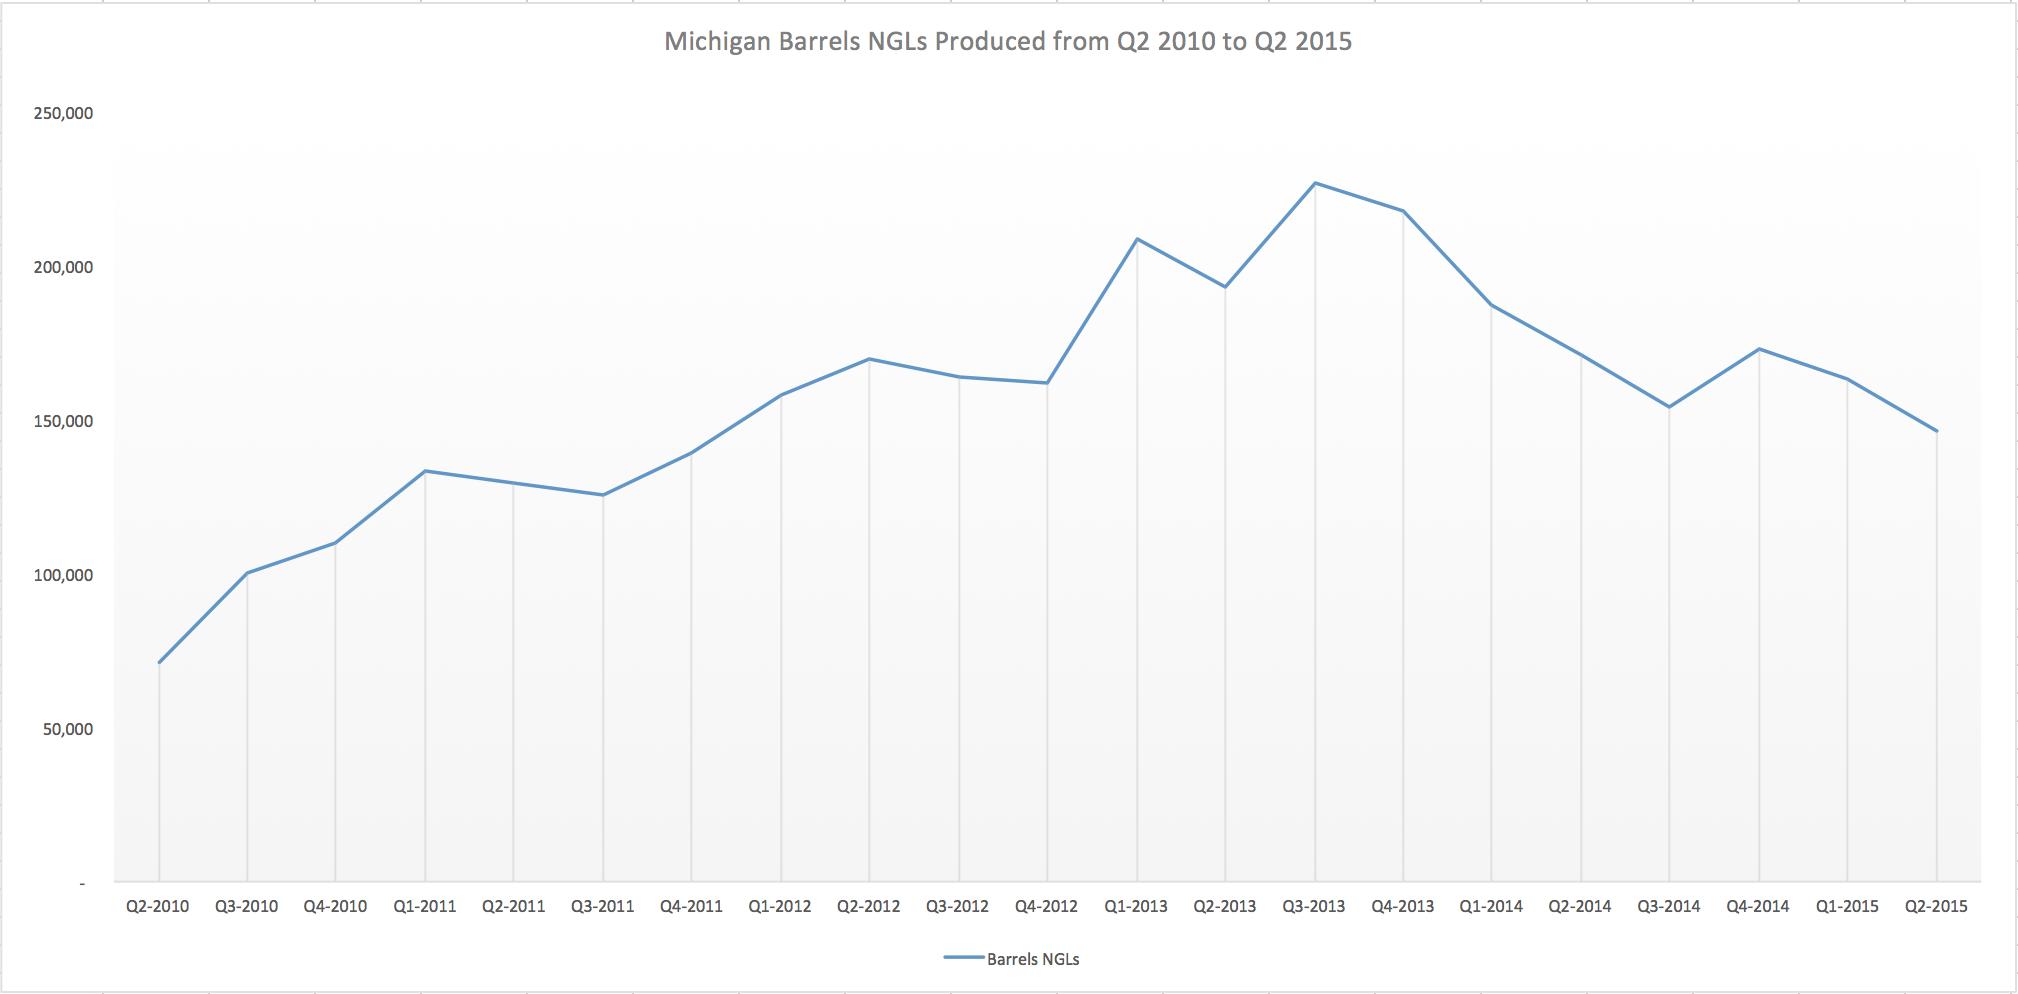 5 Year Michigan Natural Gas Liquids Production